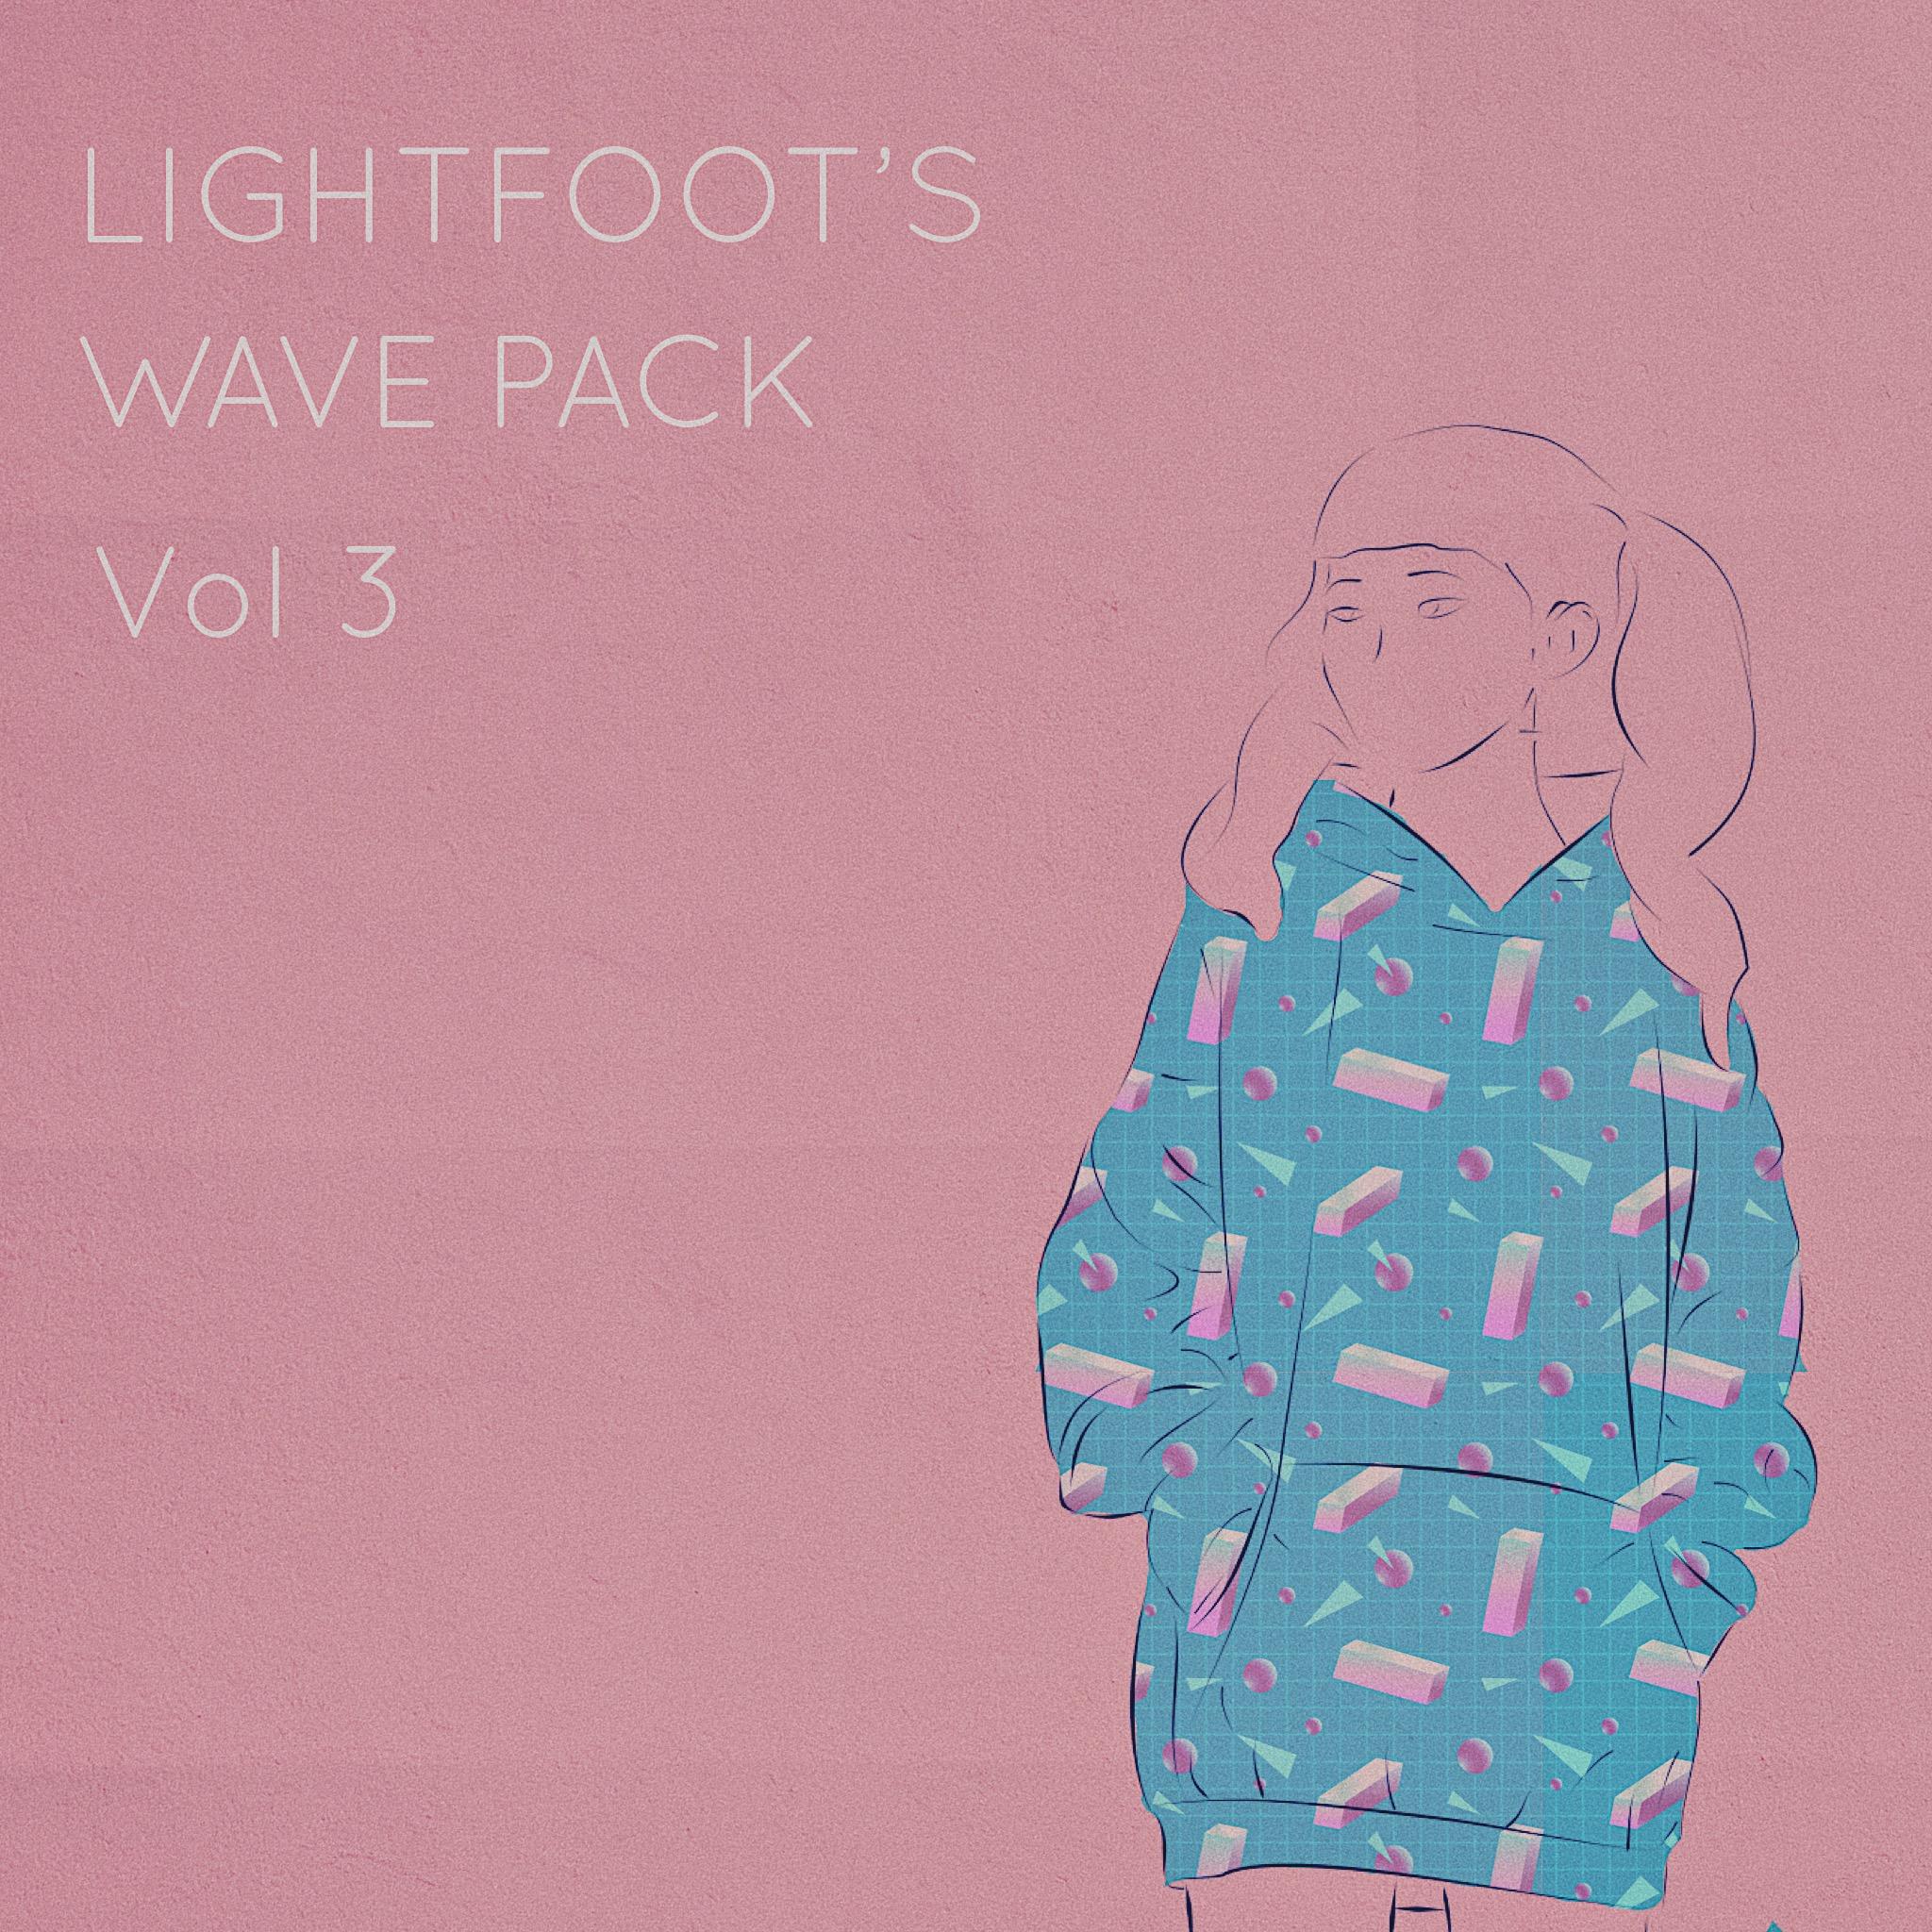 Lightfoot's Wave Pack vol 3 — Lightfoot